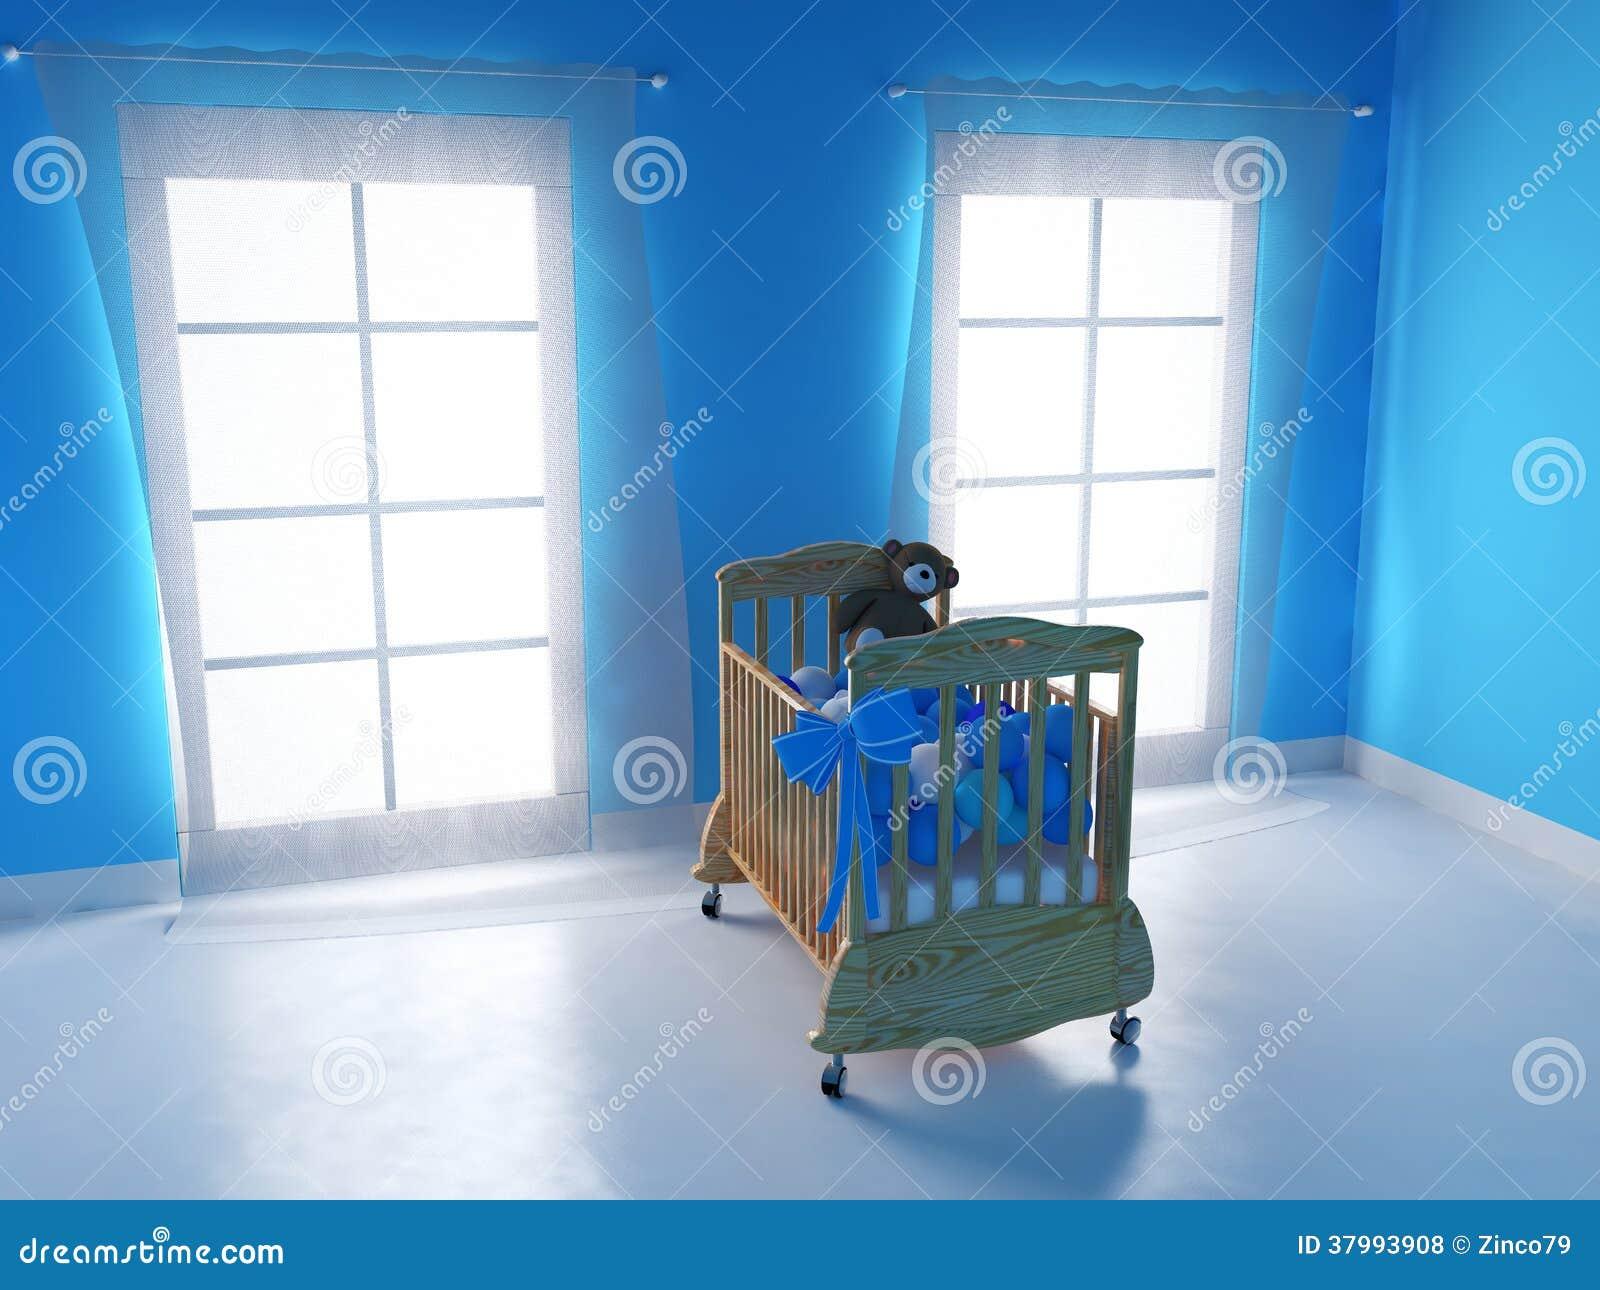 Download Schlafzimmer Für Baby Stock Abbildung. Illustration Von Kindheit    37993908